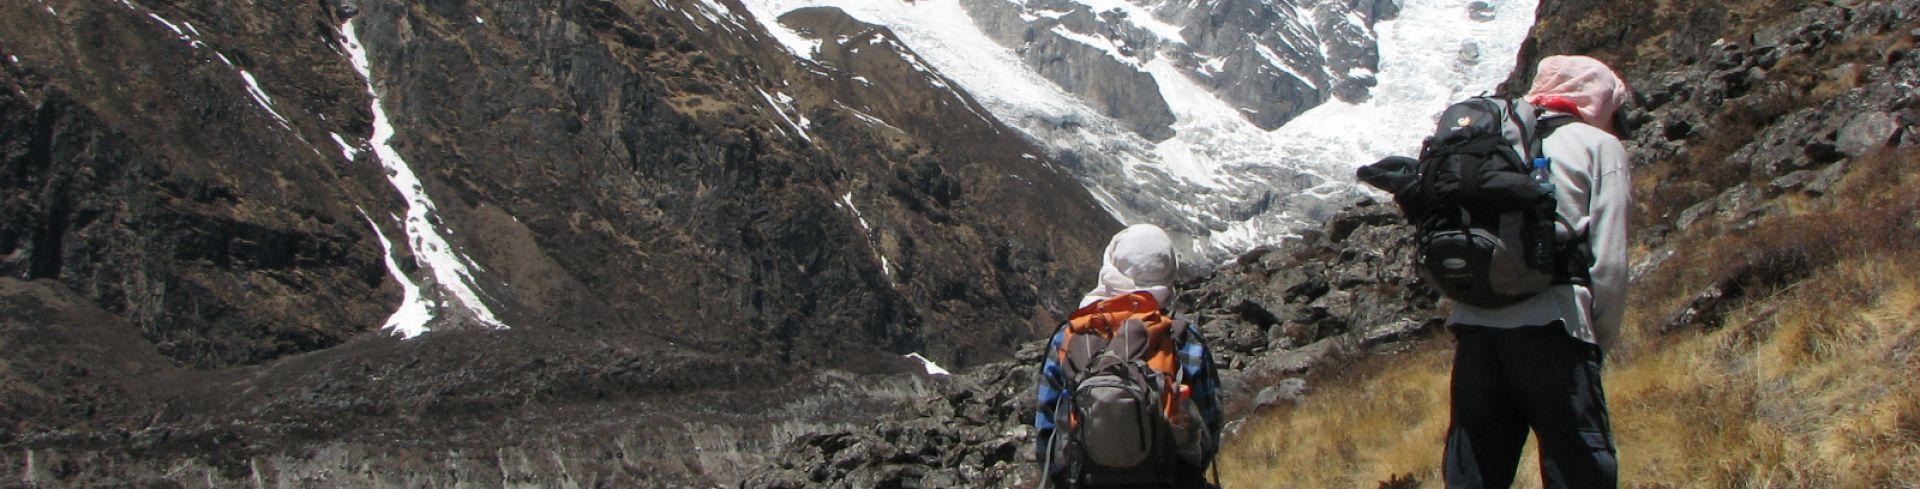 טרק לנפאל אל הרי ההימלאיה